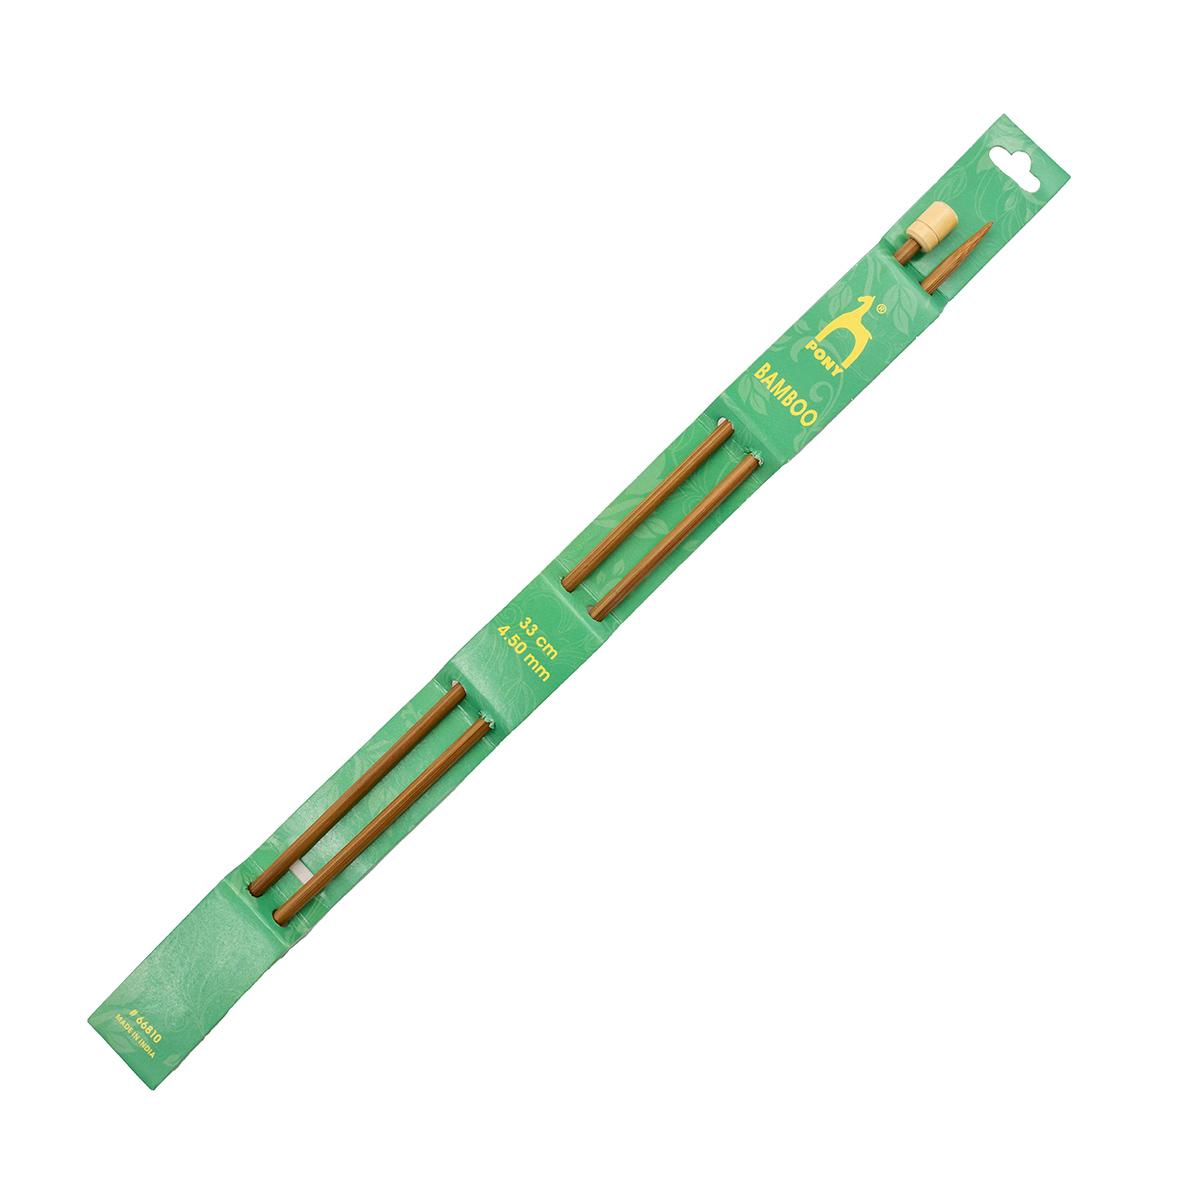 66810 Спицы вязальные прямые 4,50мм*33см, бамбук, 2шт PONY